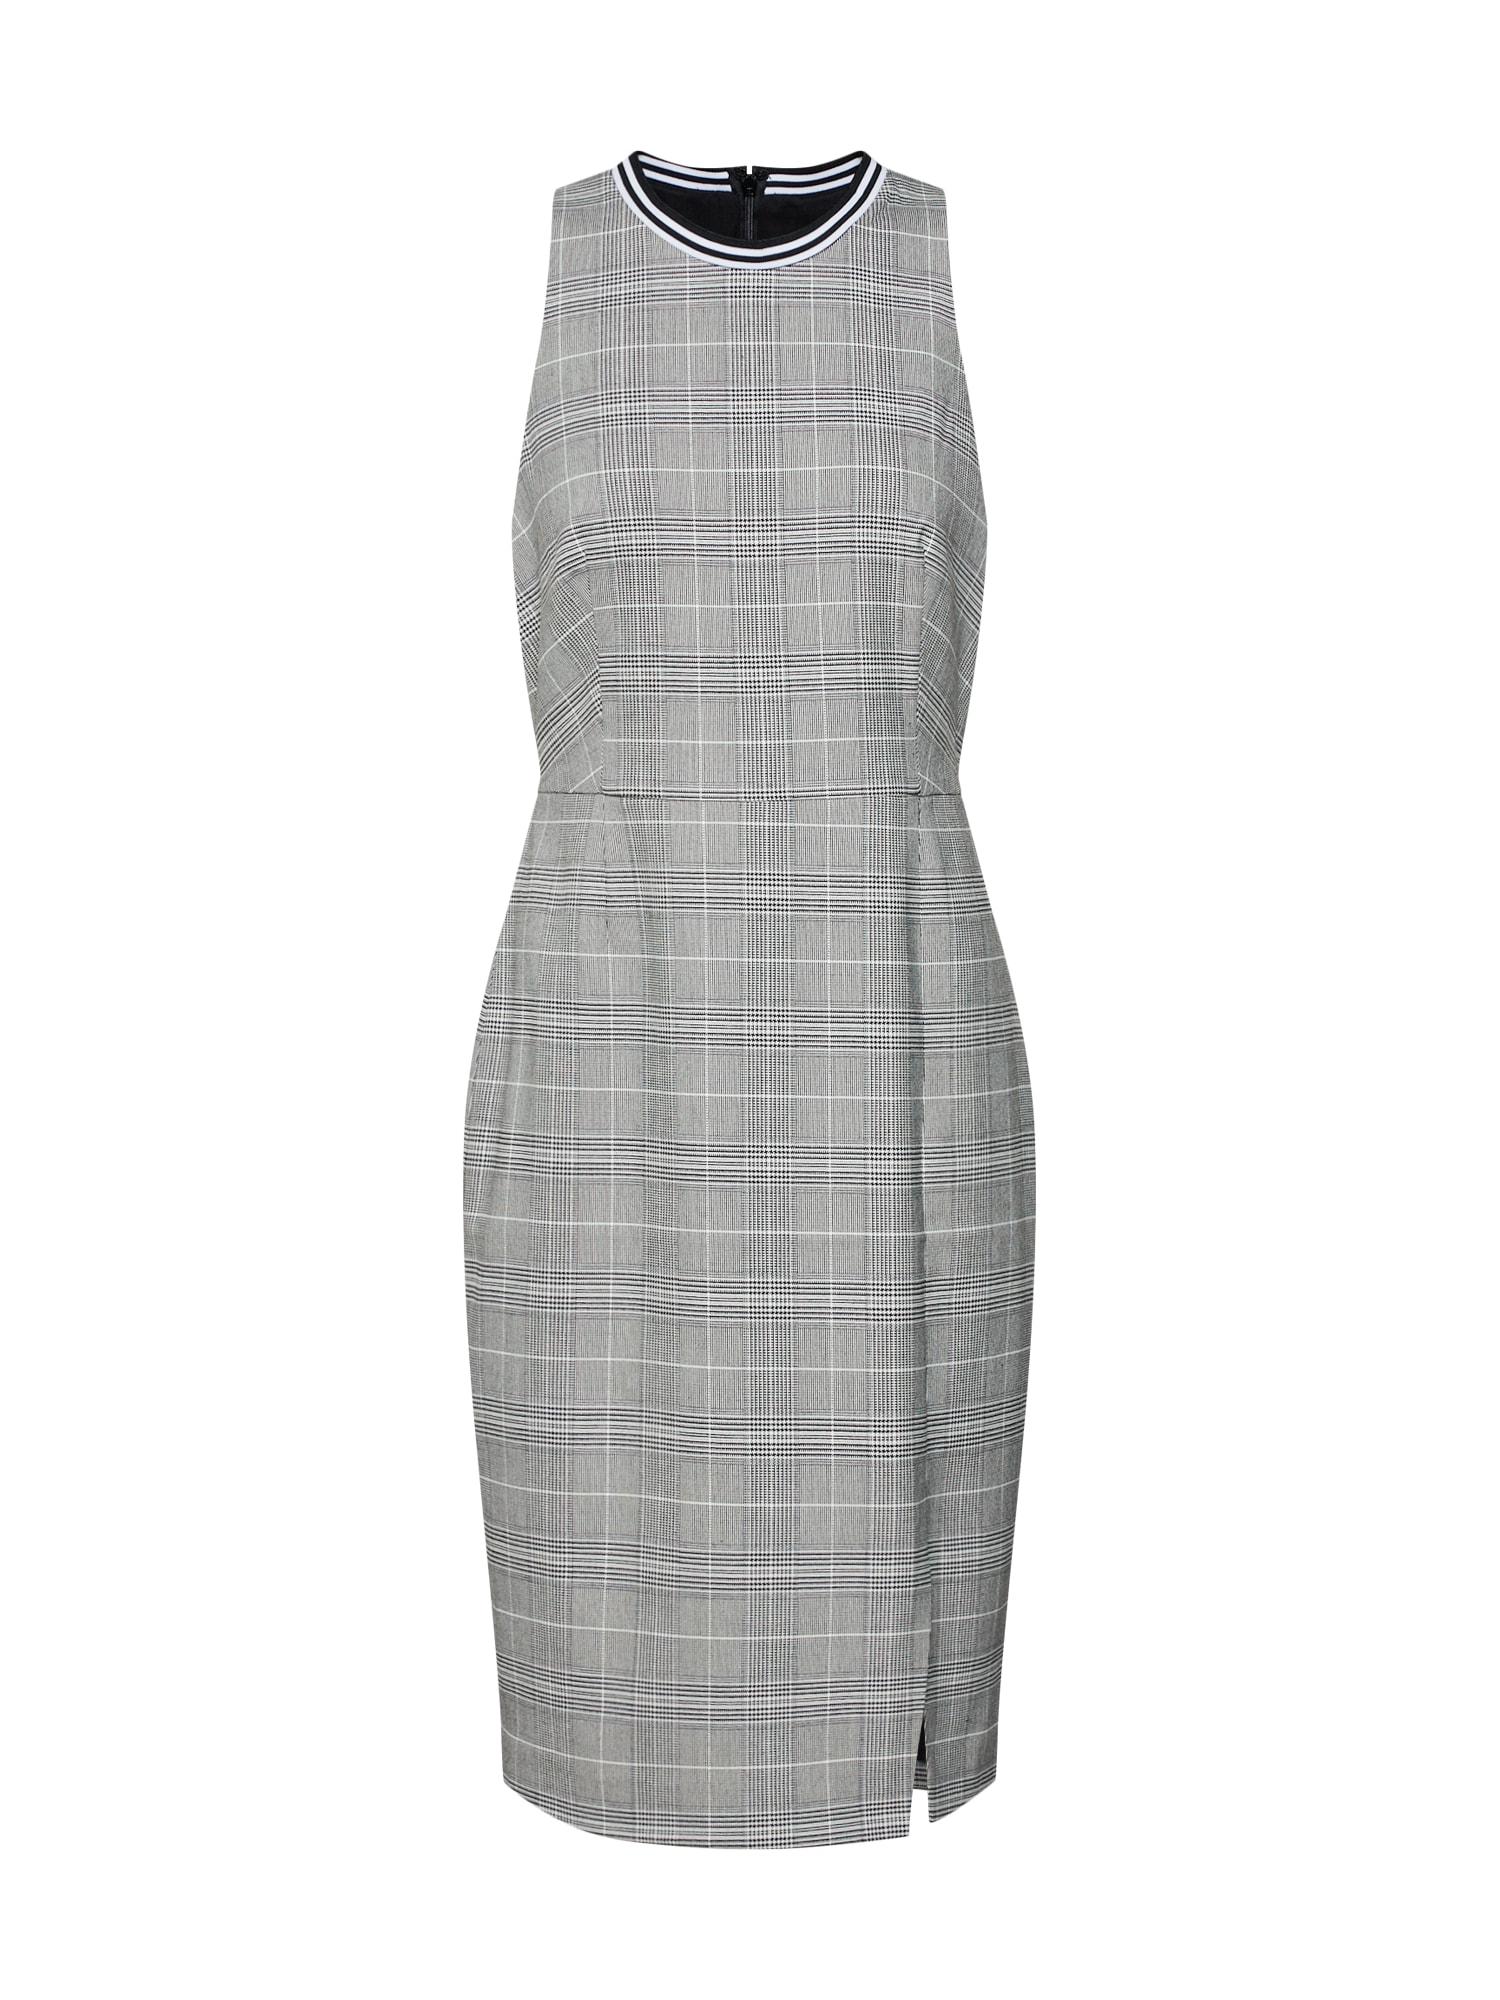 Pouzdrové šaty SL RIB TRIM SHEATH DRESS PLAID šedá Banana Republic